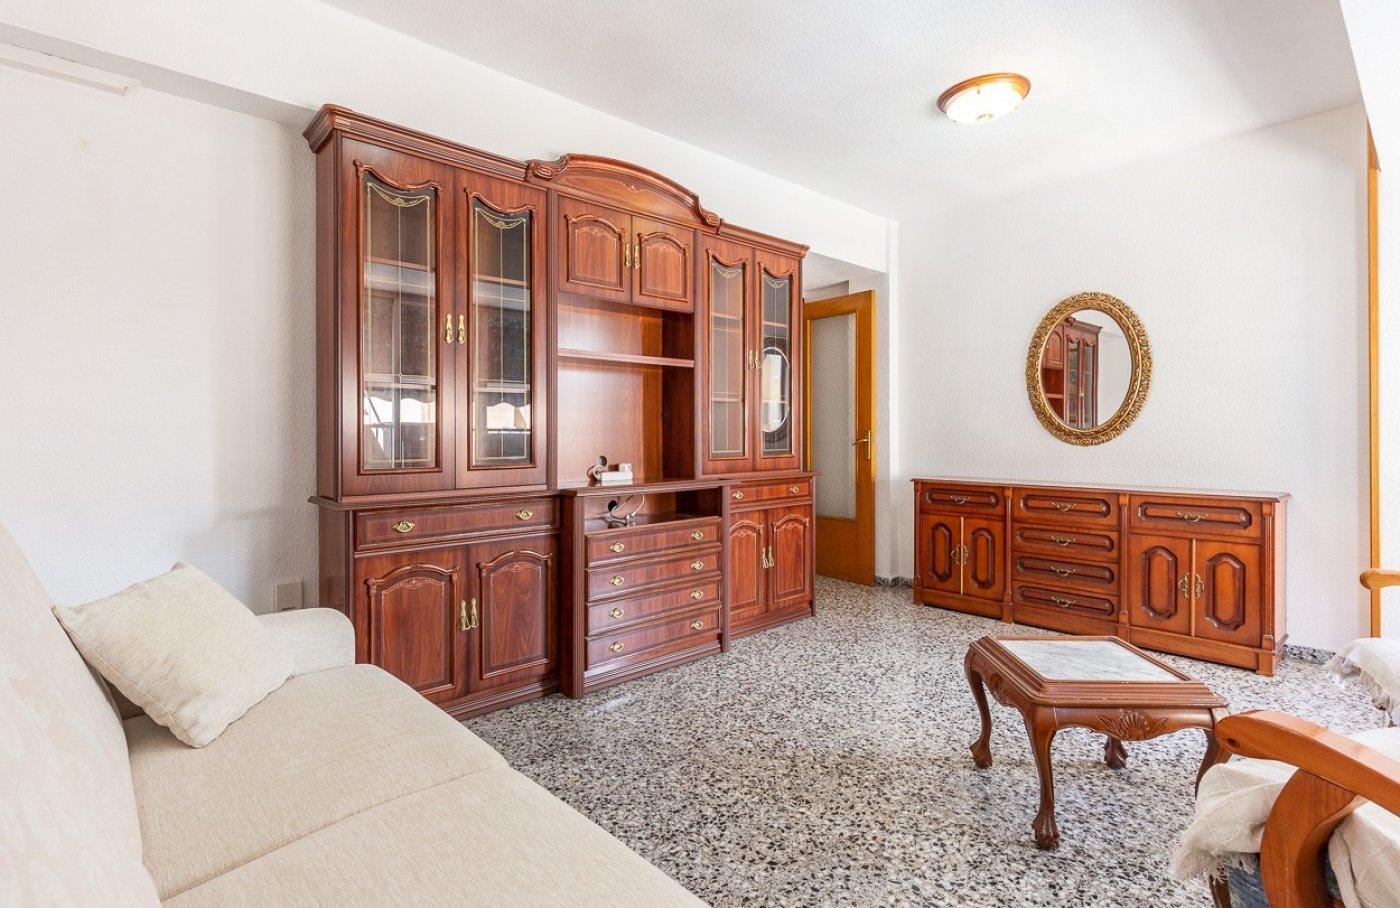 Piso de 2 dormitorios (3 de origen), en pleno centro de Benidorm. A 500 metros de la playa. 7